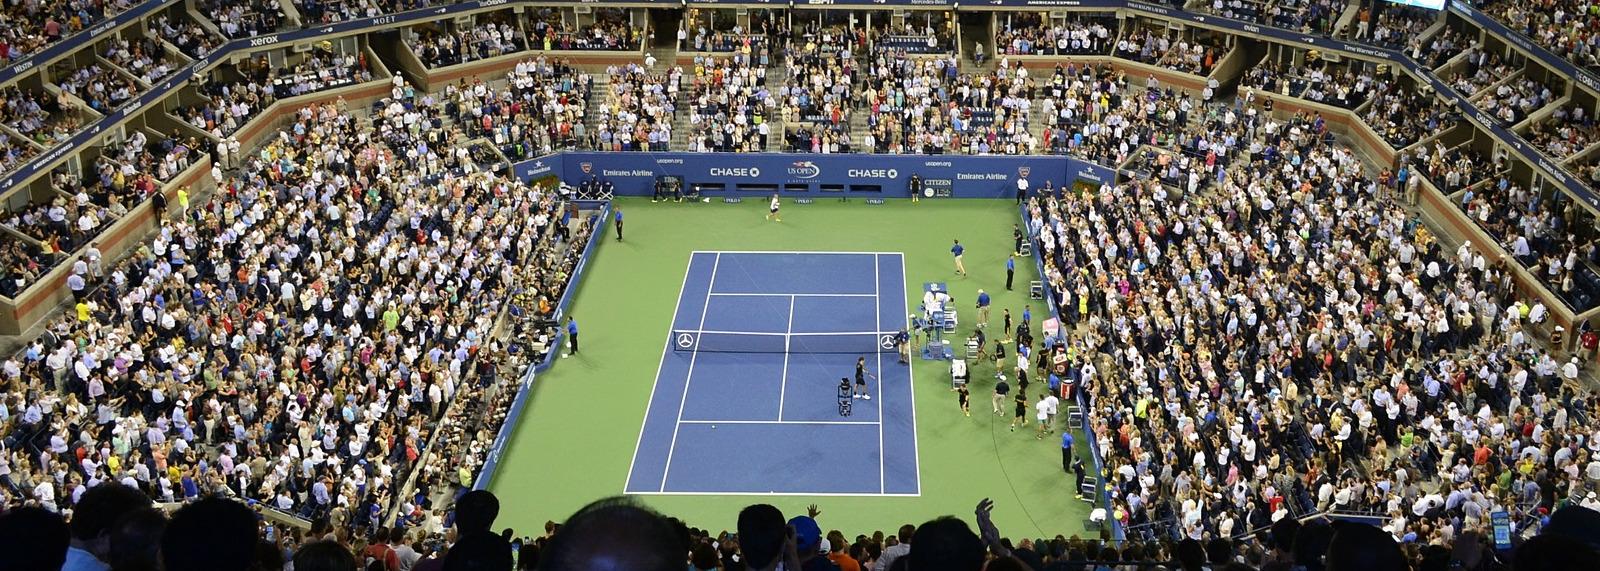 Залагане на тенис и залагането на УС Опен